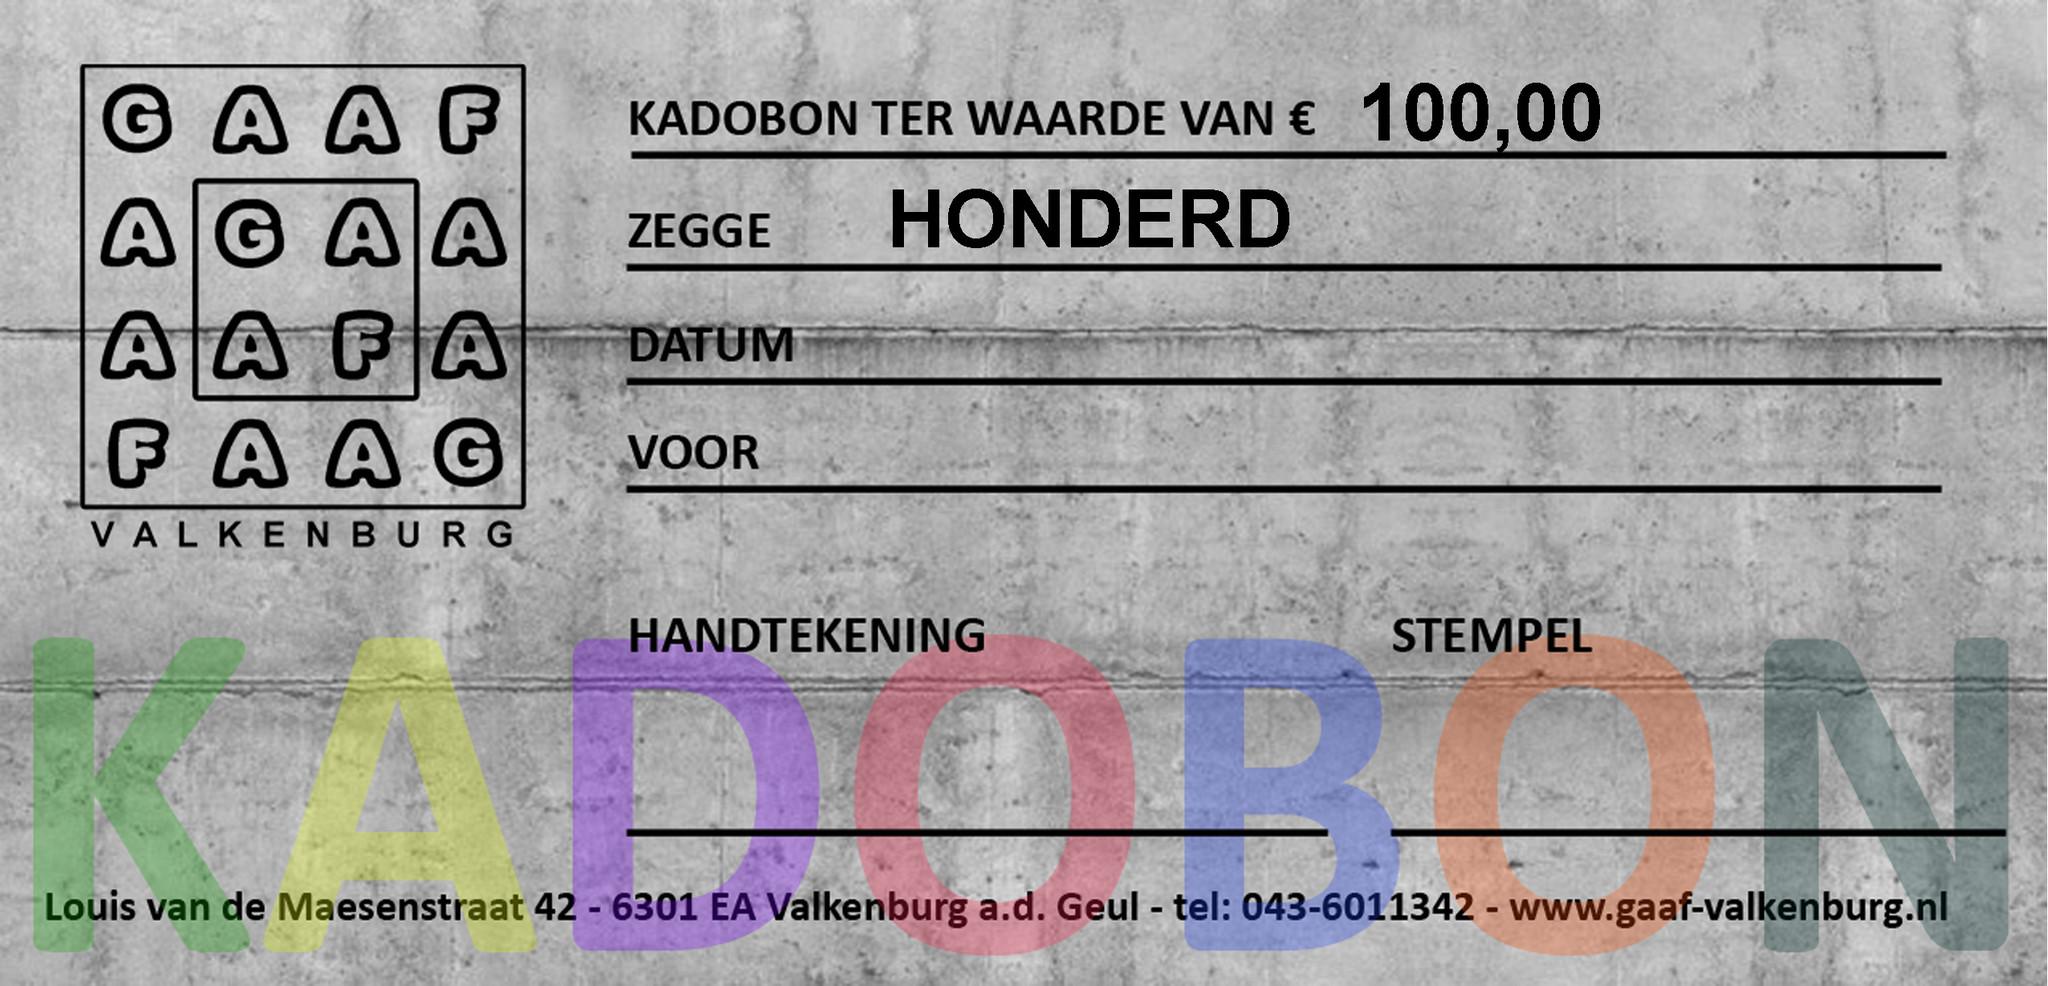 GAAF Kadobon 100 euro